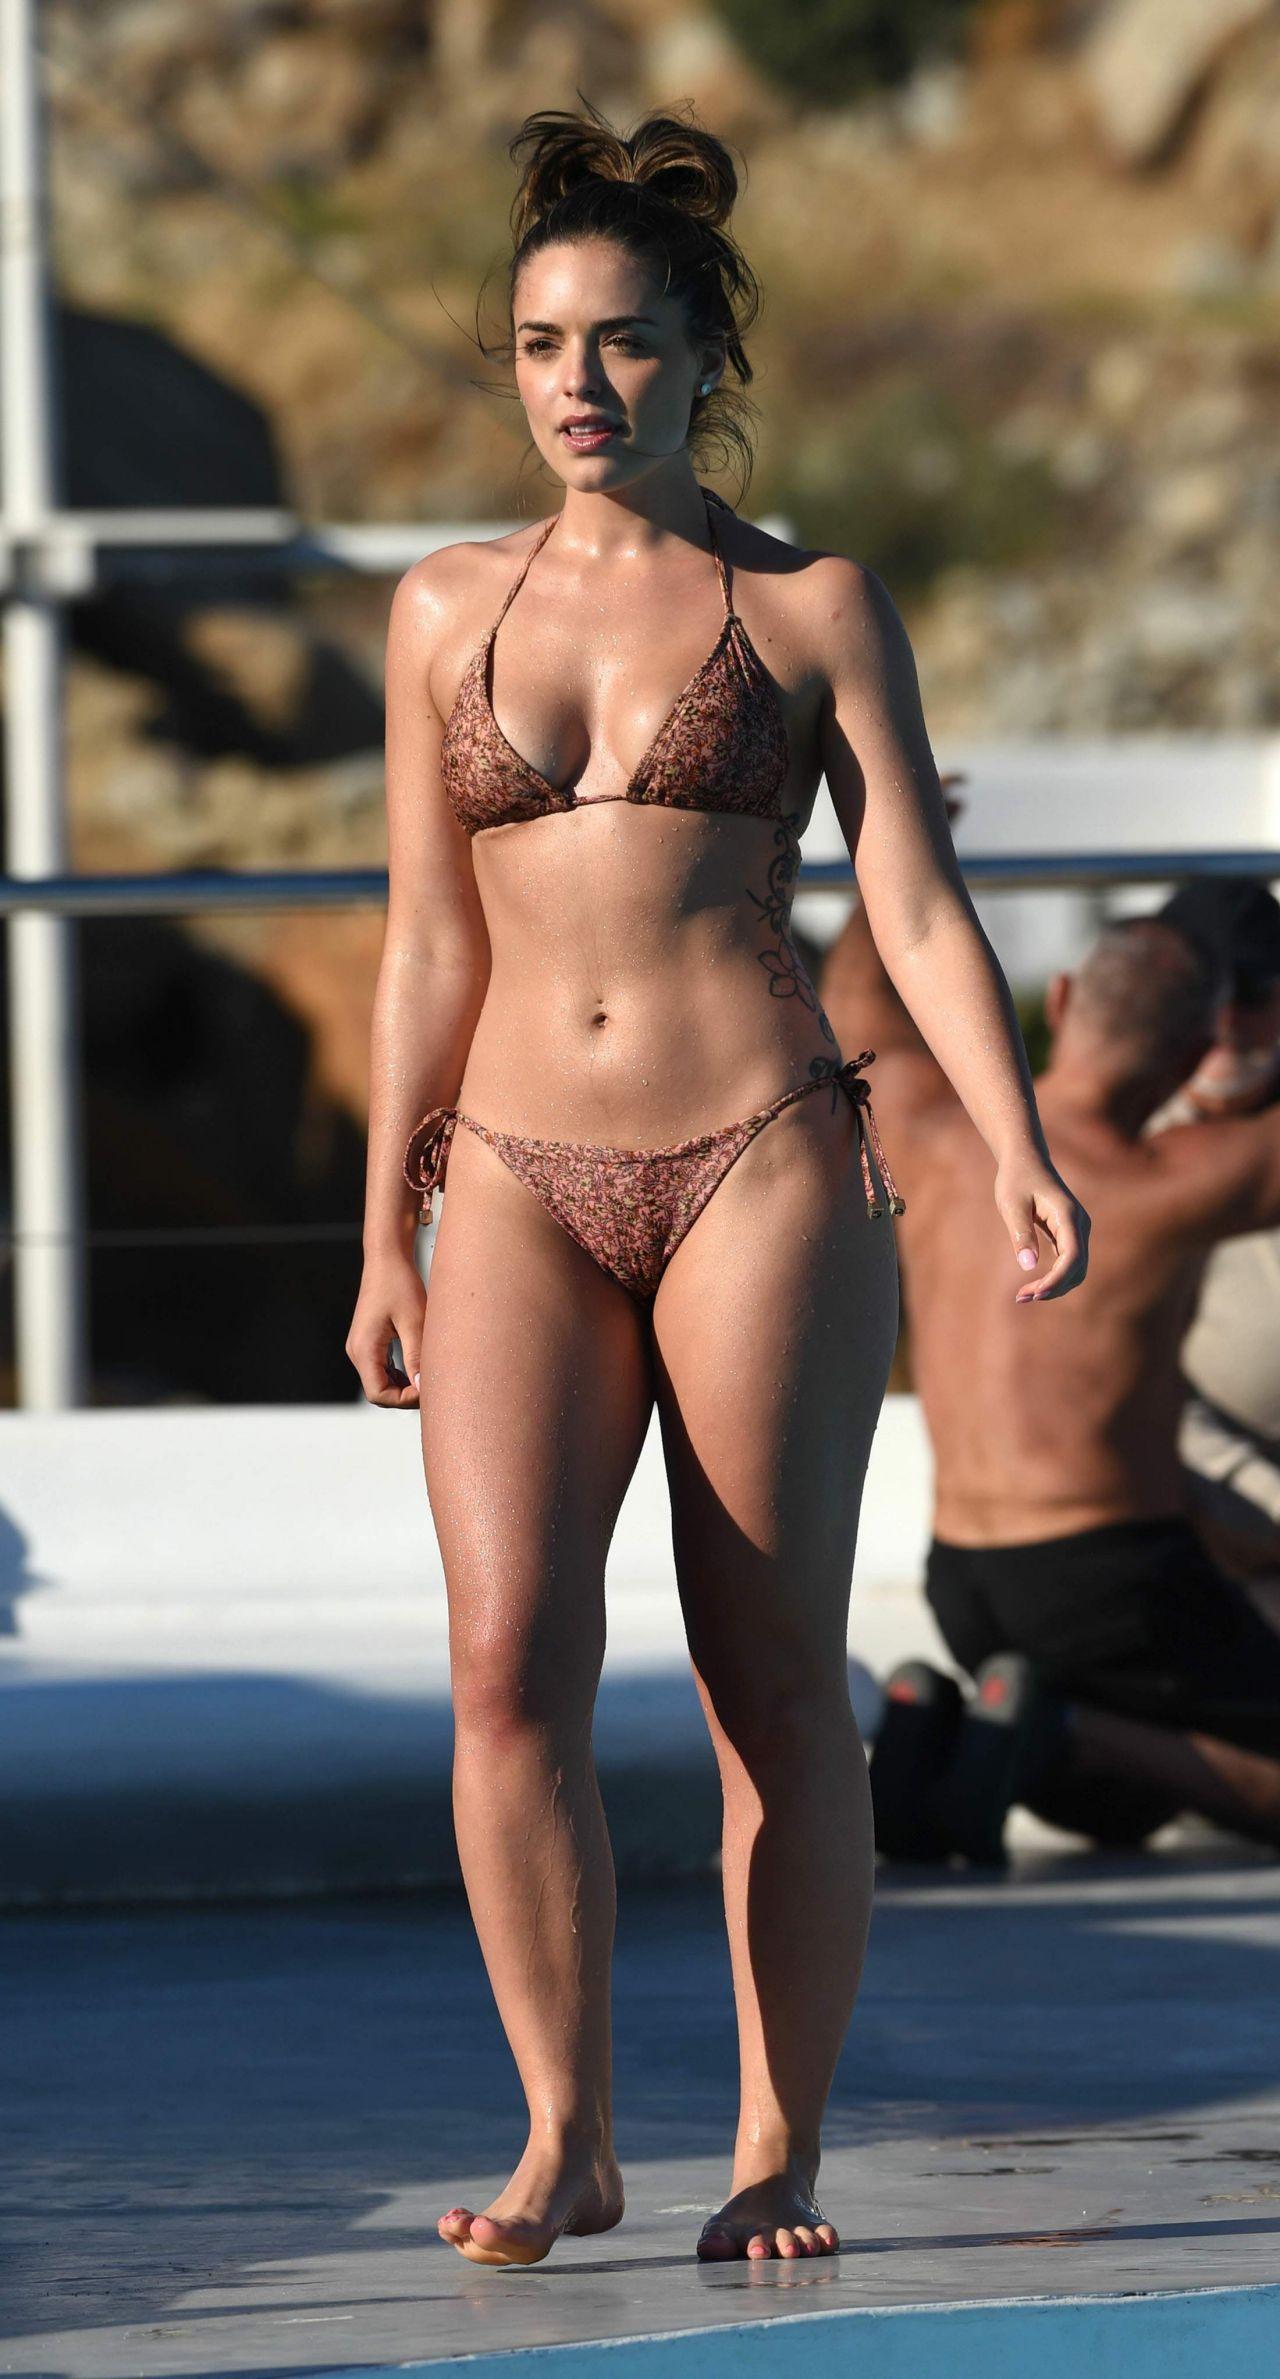 Hot bikini camel